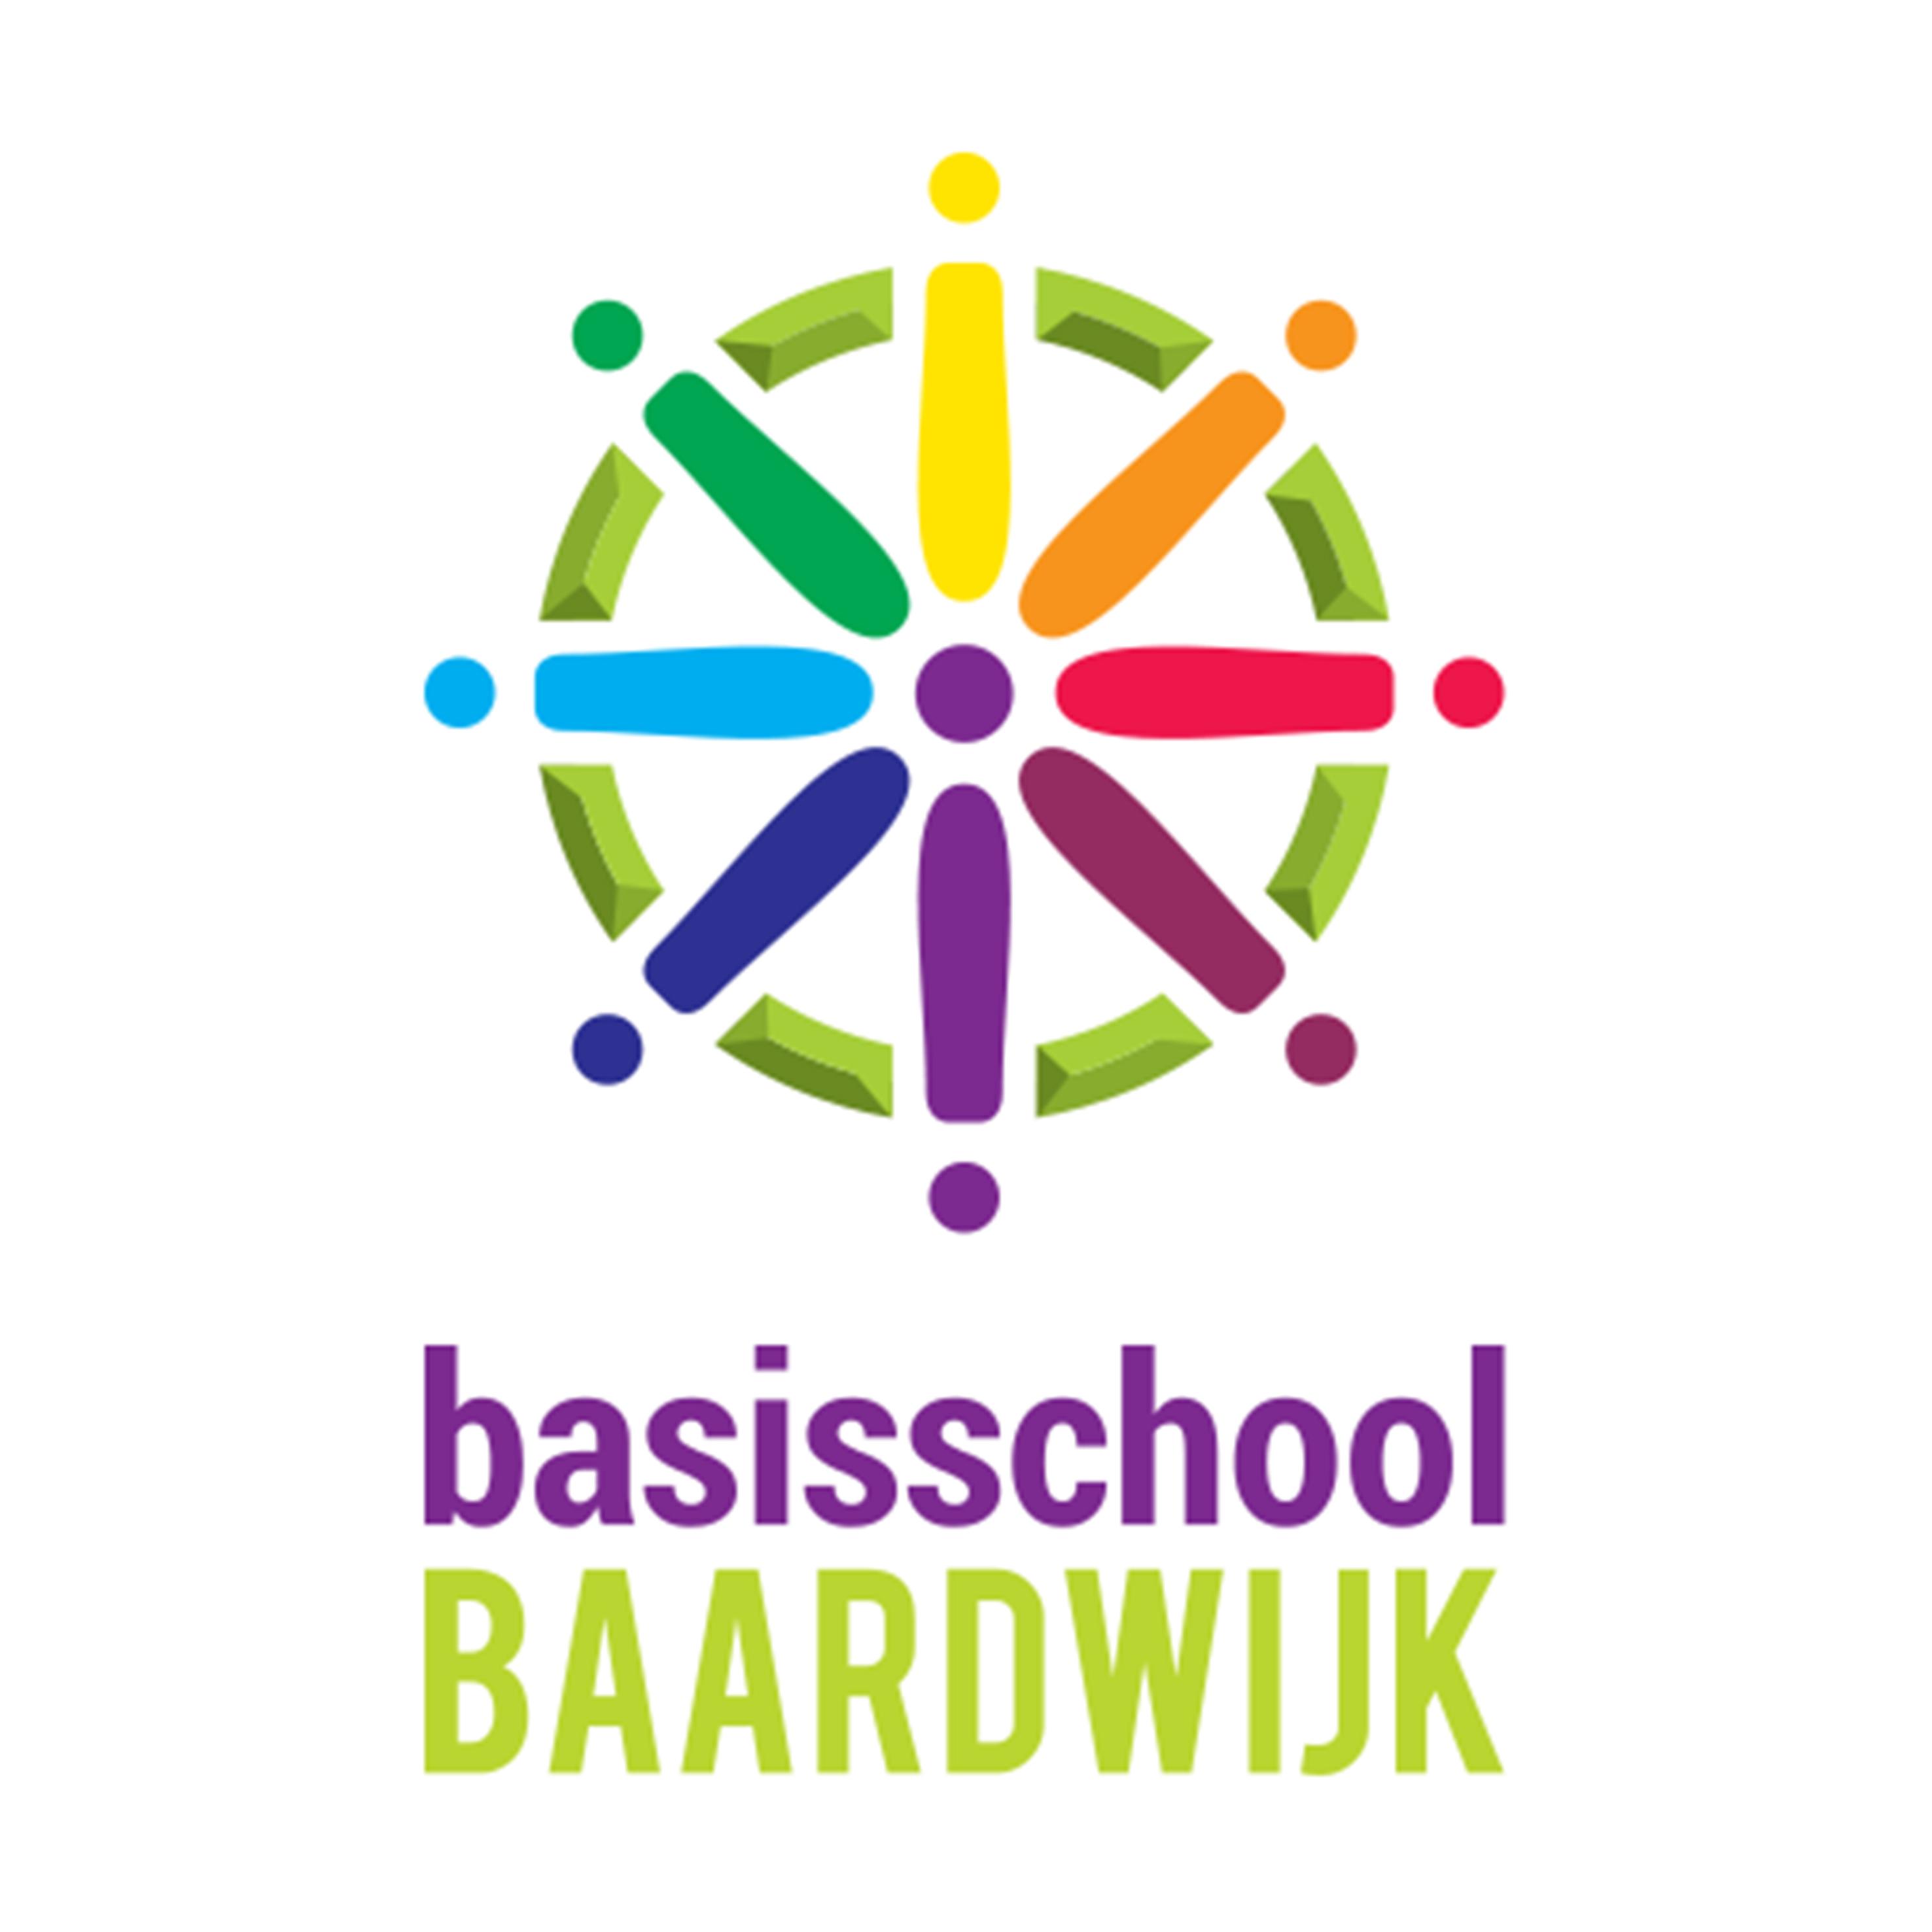 Basisschool - Baardwijk